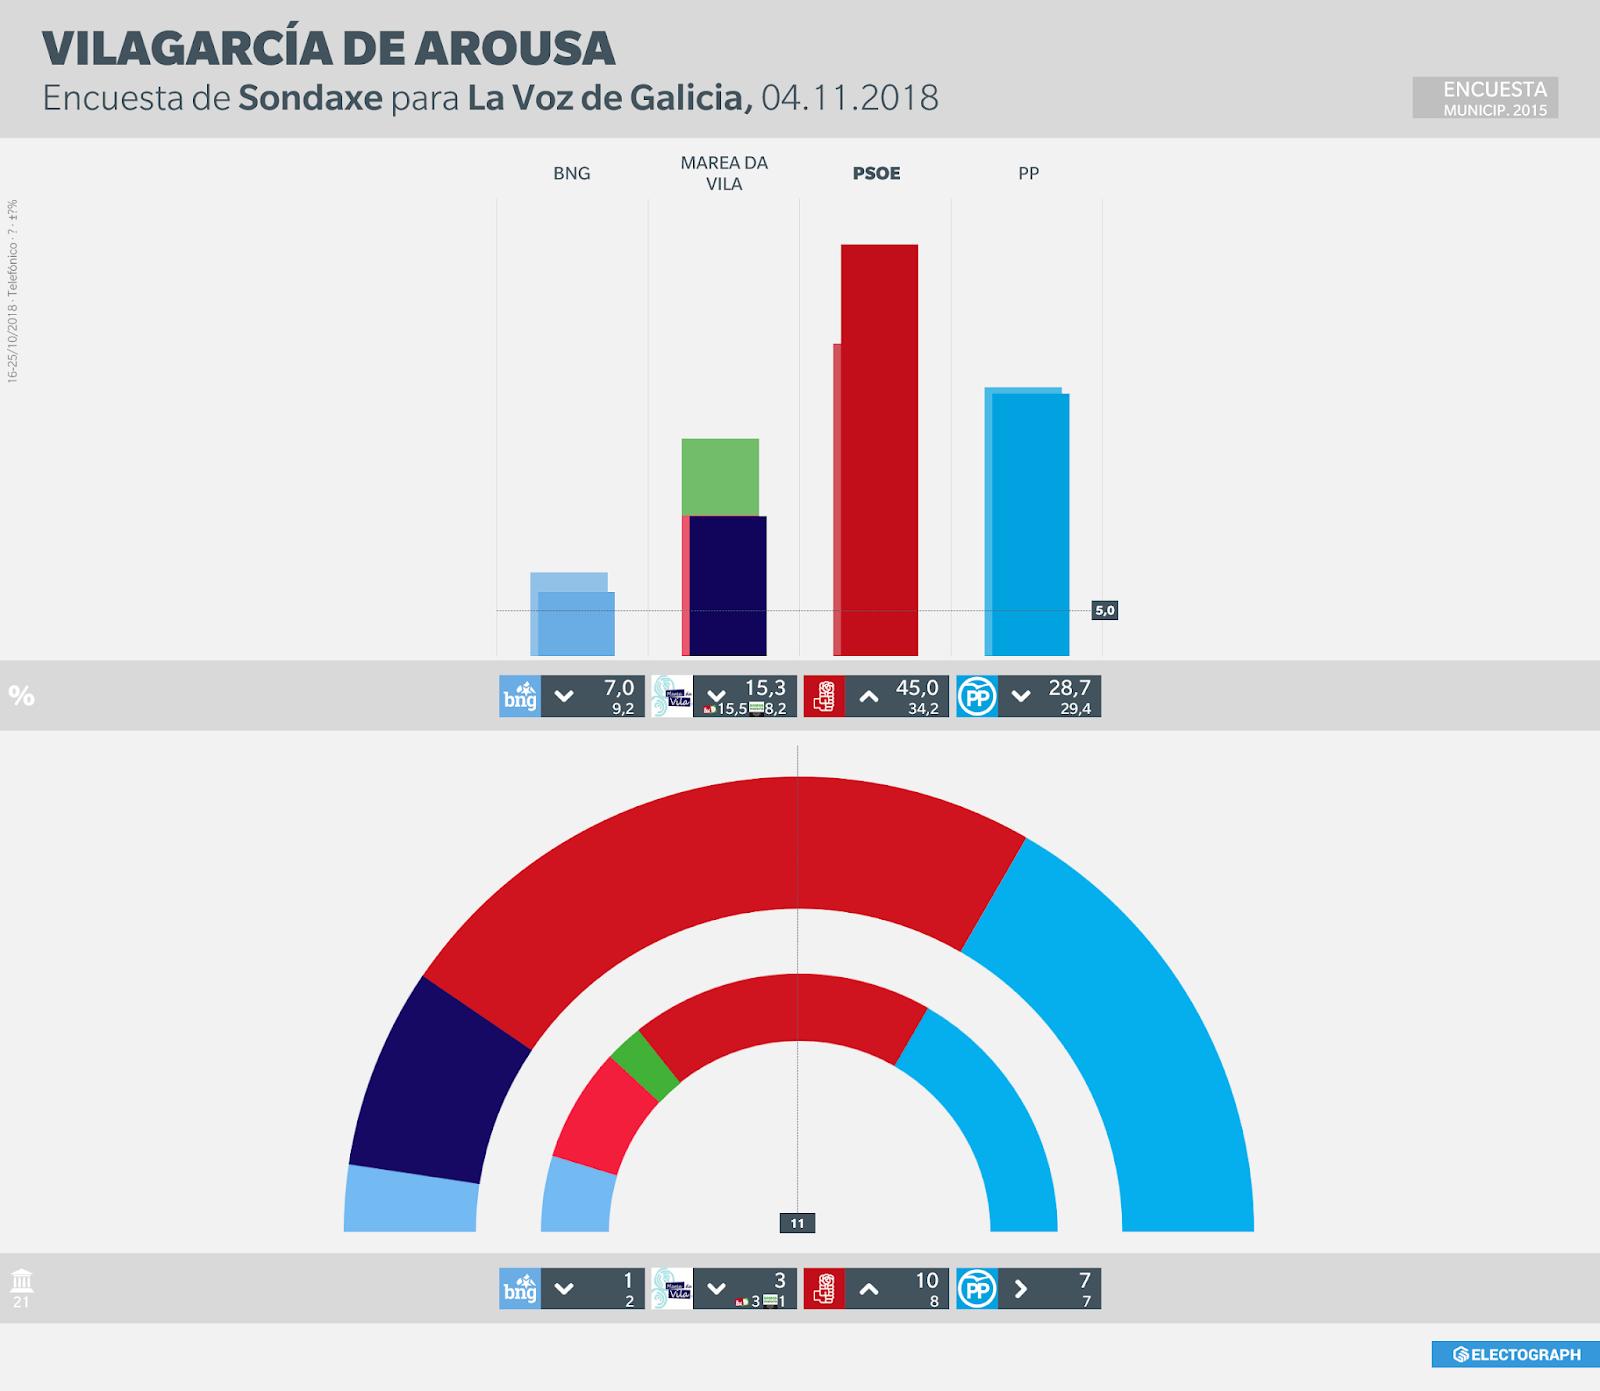 Gráfico de la encuesta para elecciones municipales en Vilagarcía de Arousa realizada por Sondaxe para La Voz de Galicia en octubre de 2018